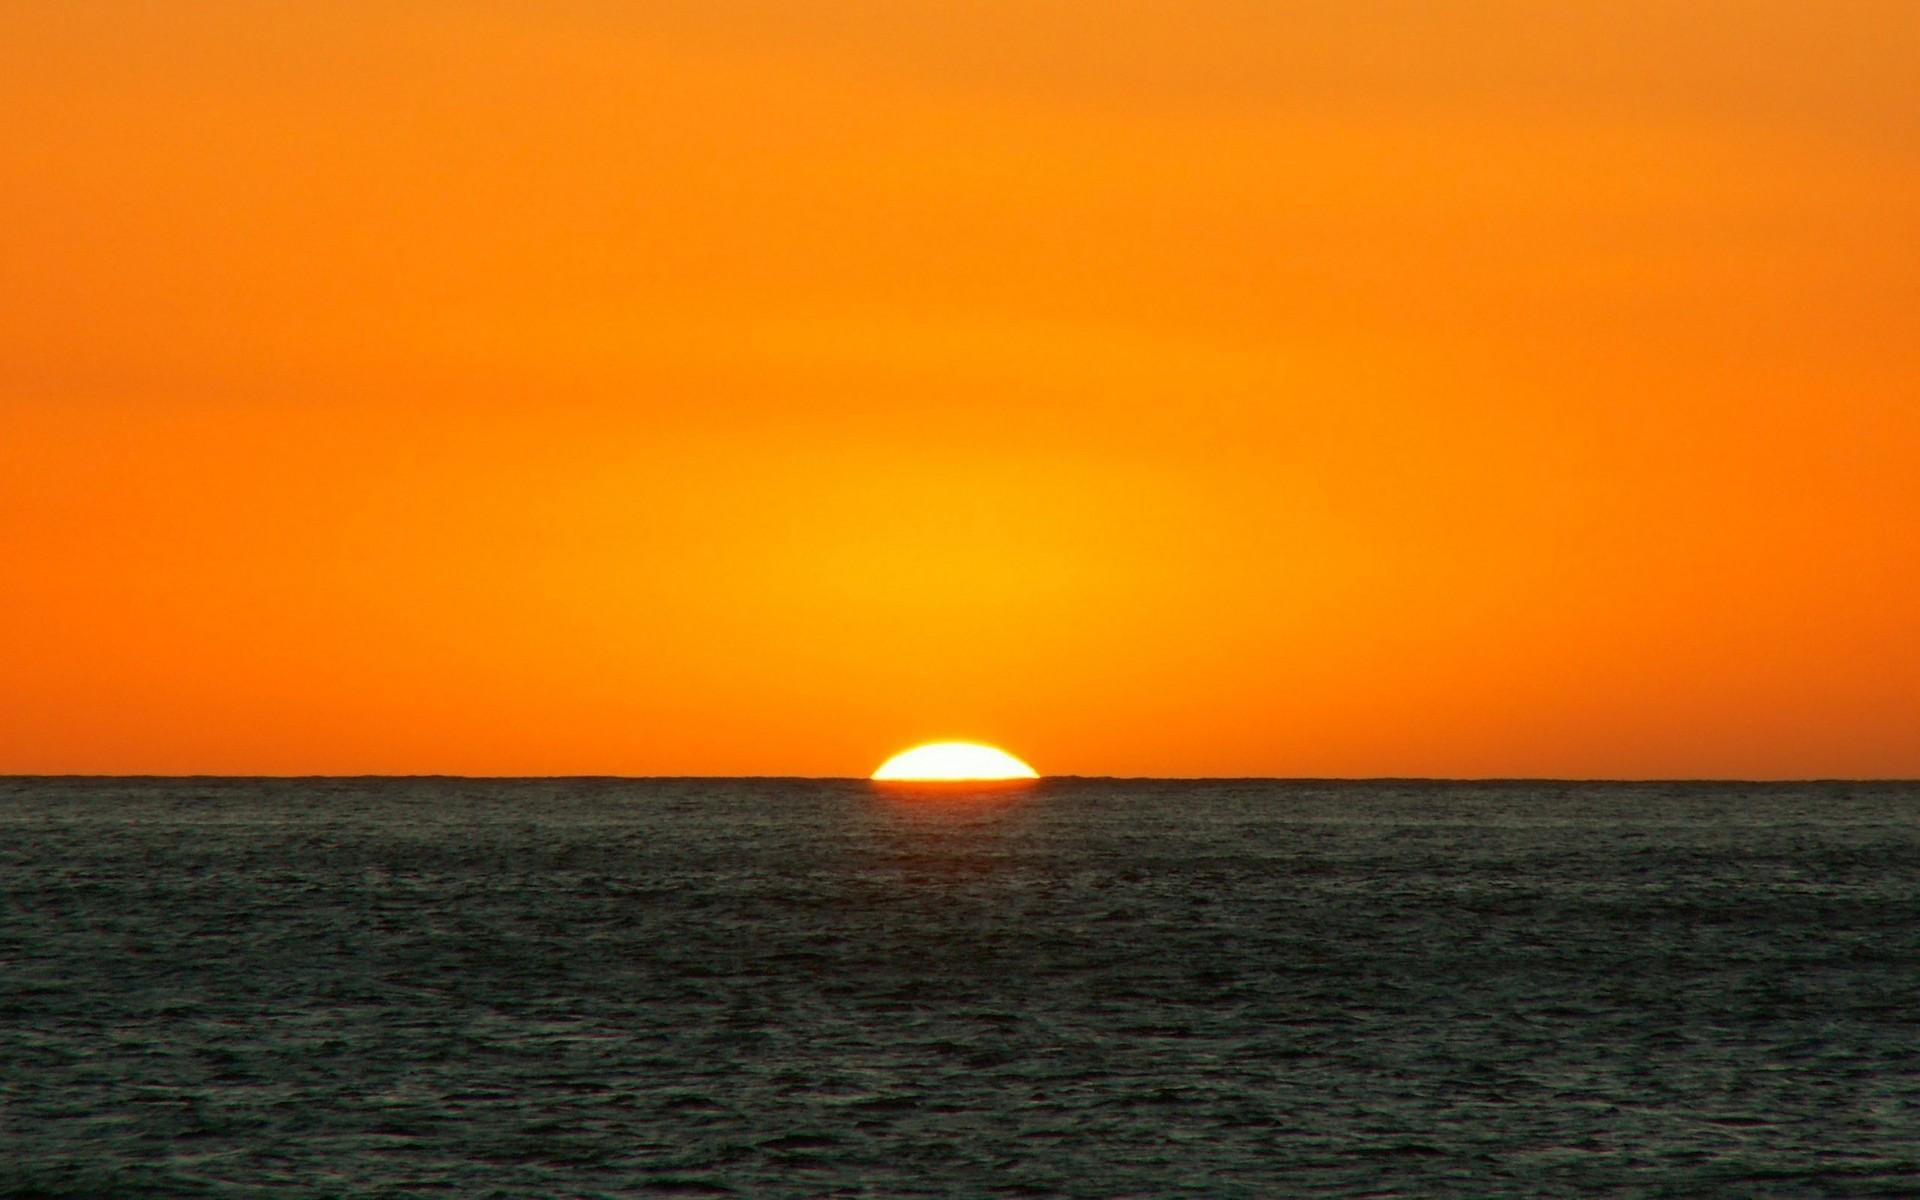 закат, пейзажи, природа, оранжевый цвет, море - Просмотреть, изменить  размер и скачать HD обои / oboi7.com